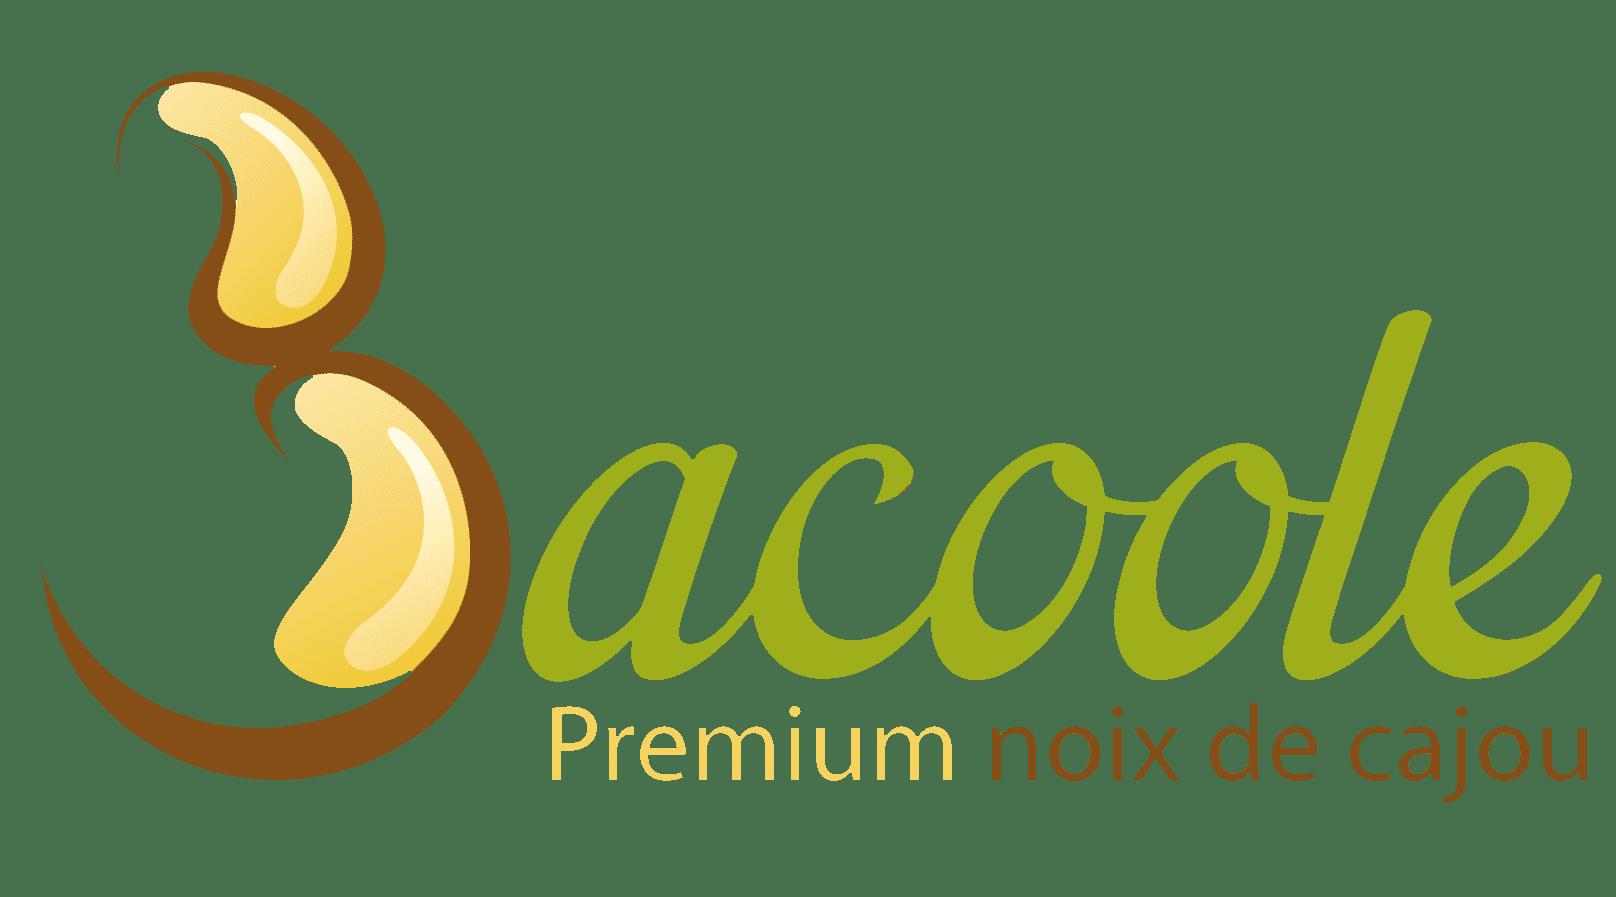 Bacoole